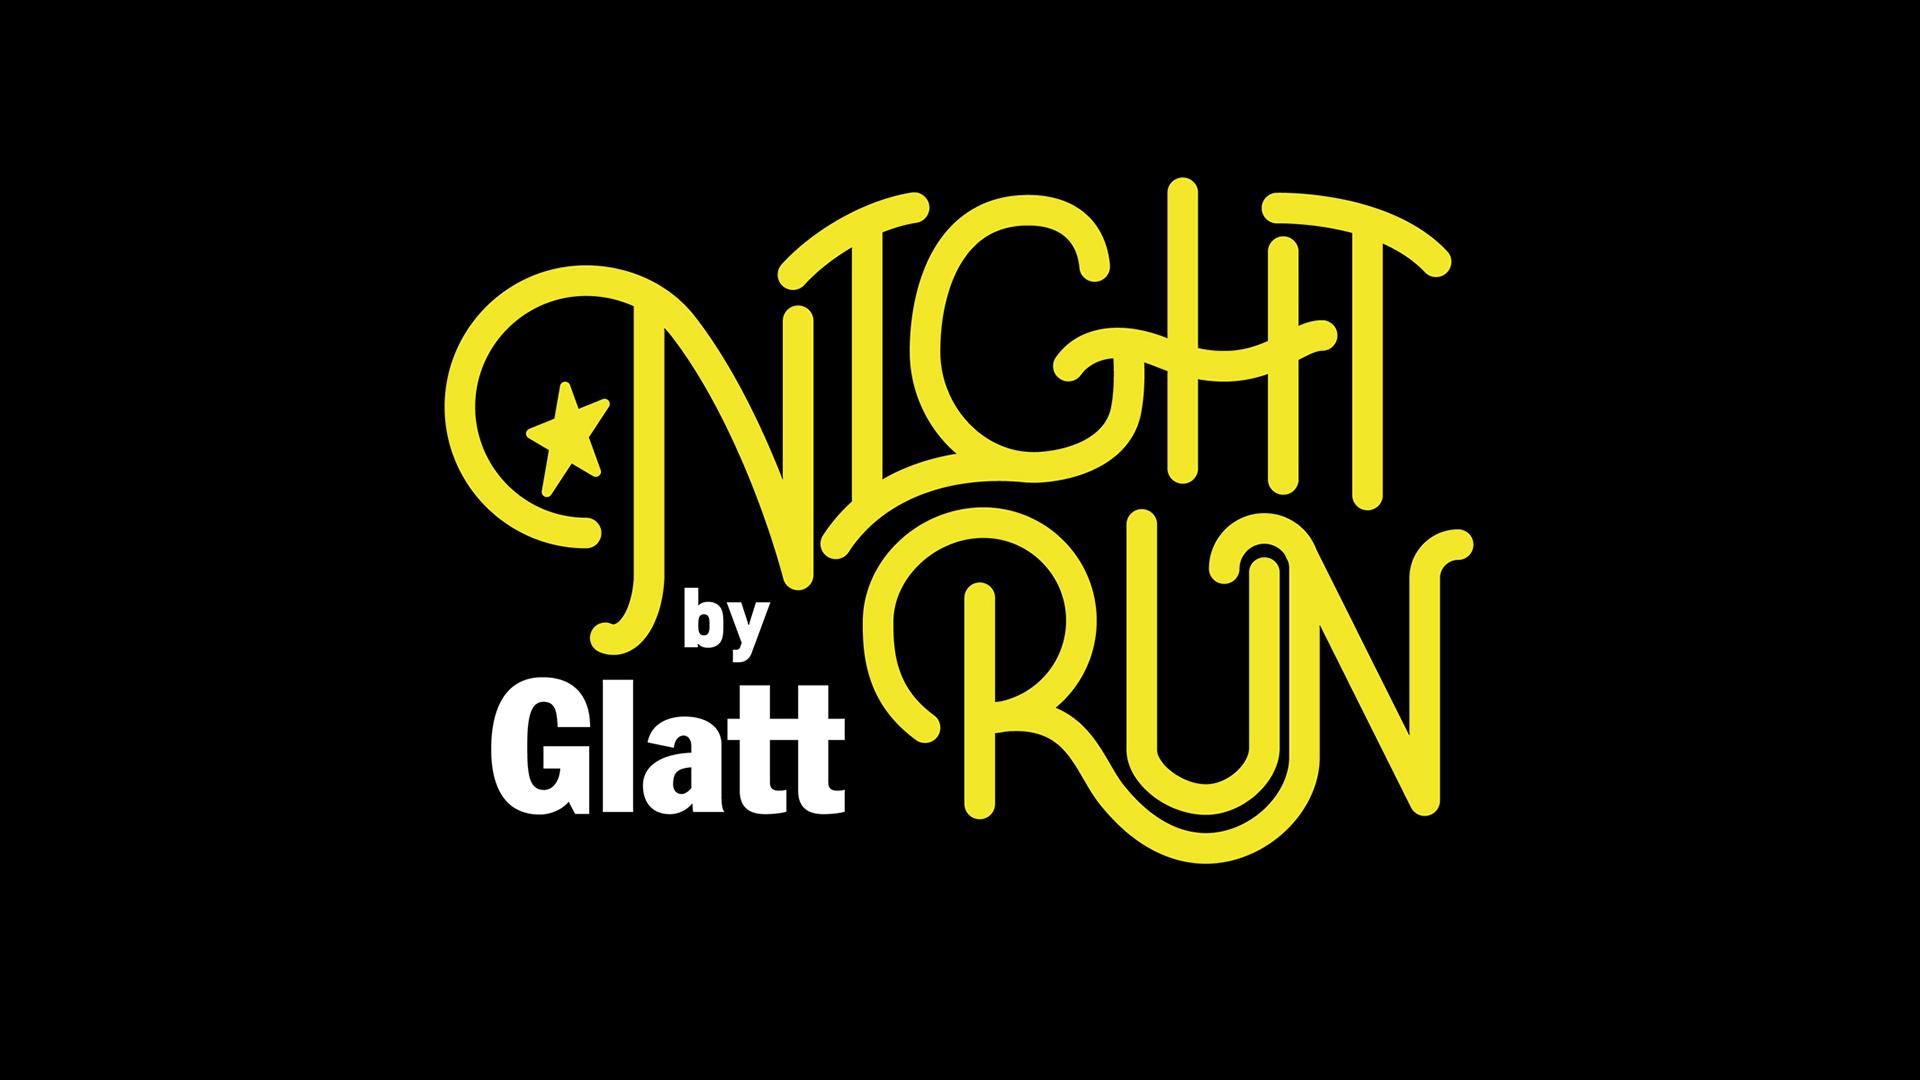 Glatt Nightrun